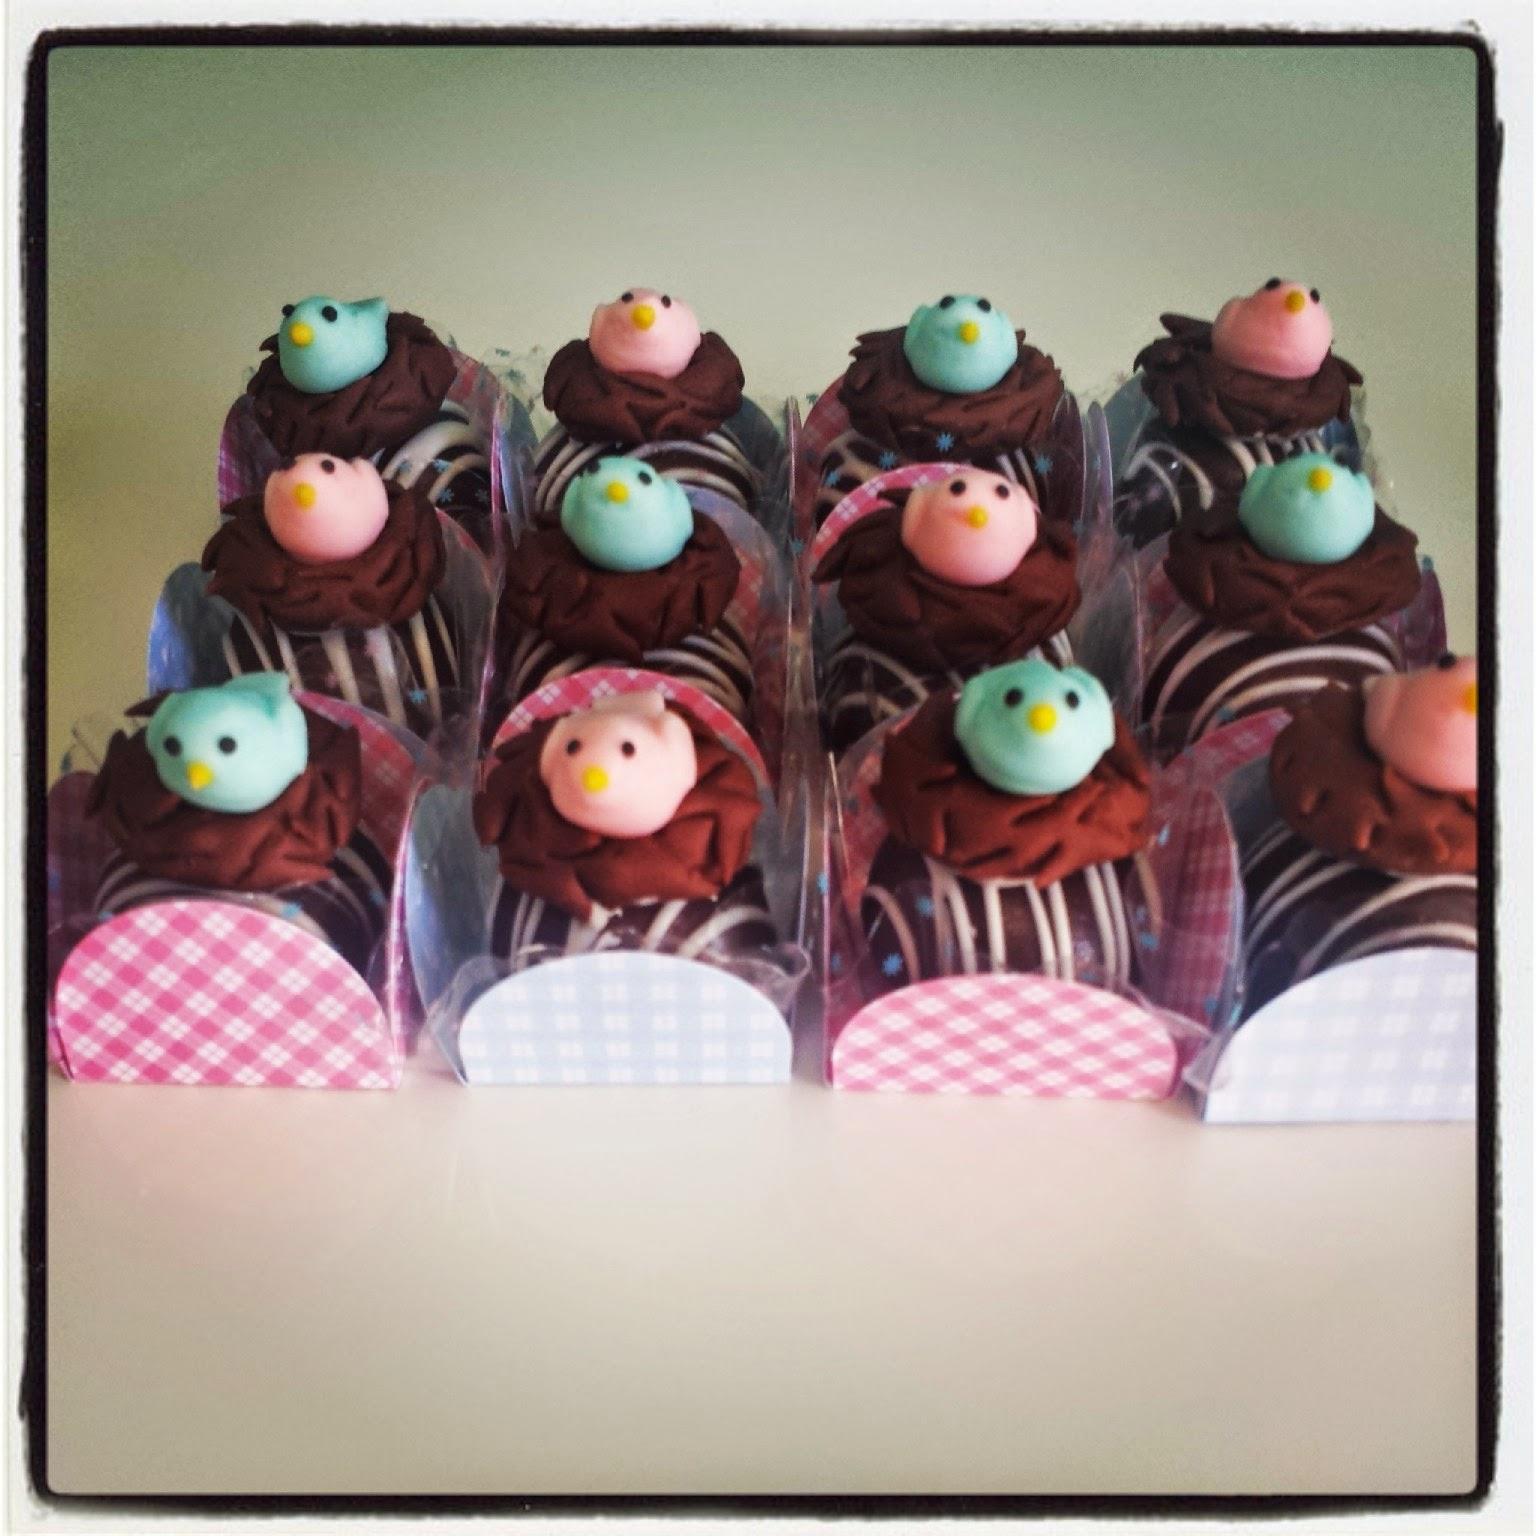 festa tema jardim provencal:Quero Cupcakes: Festa tema Jardim Provençal